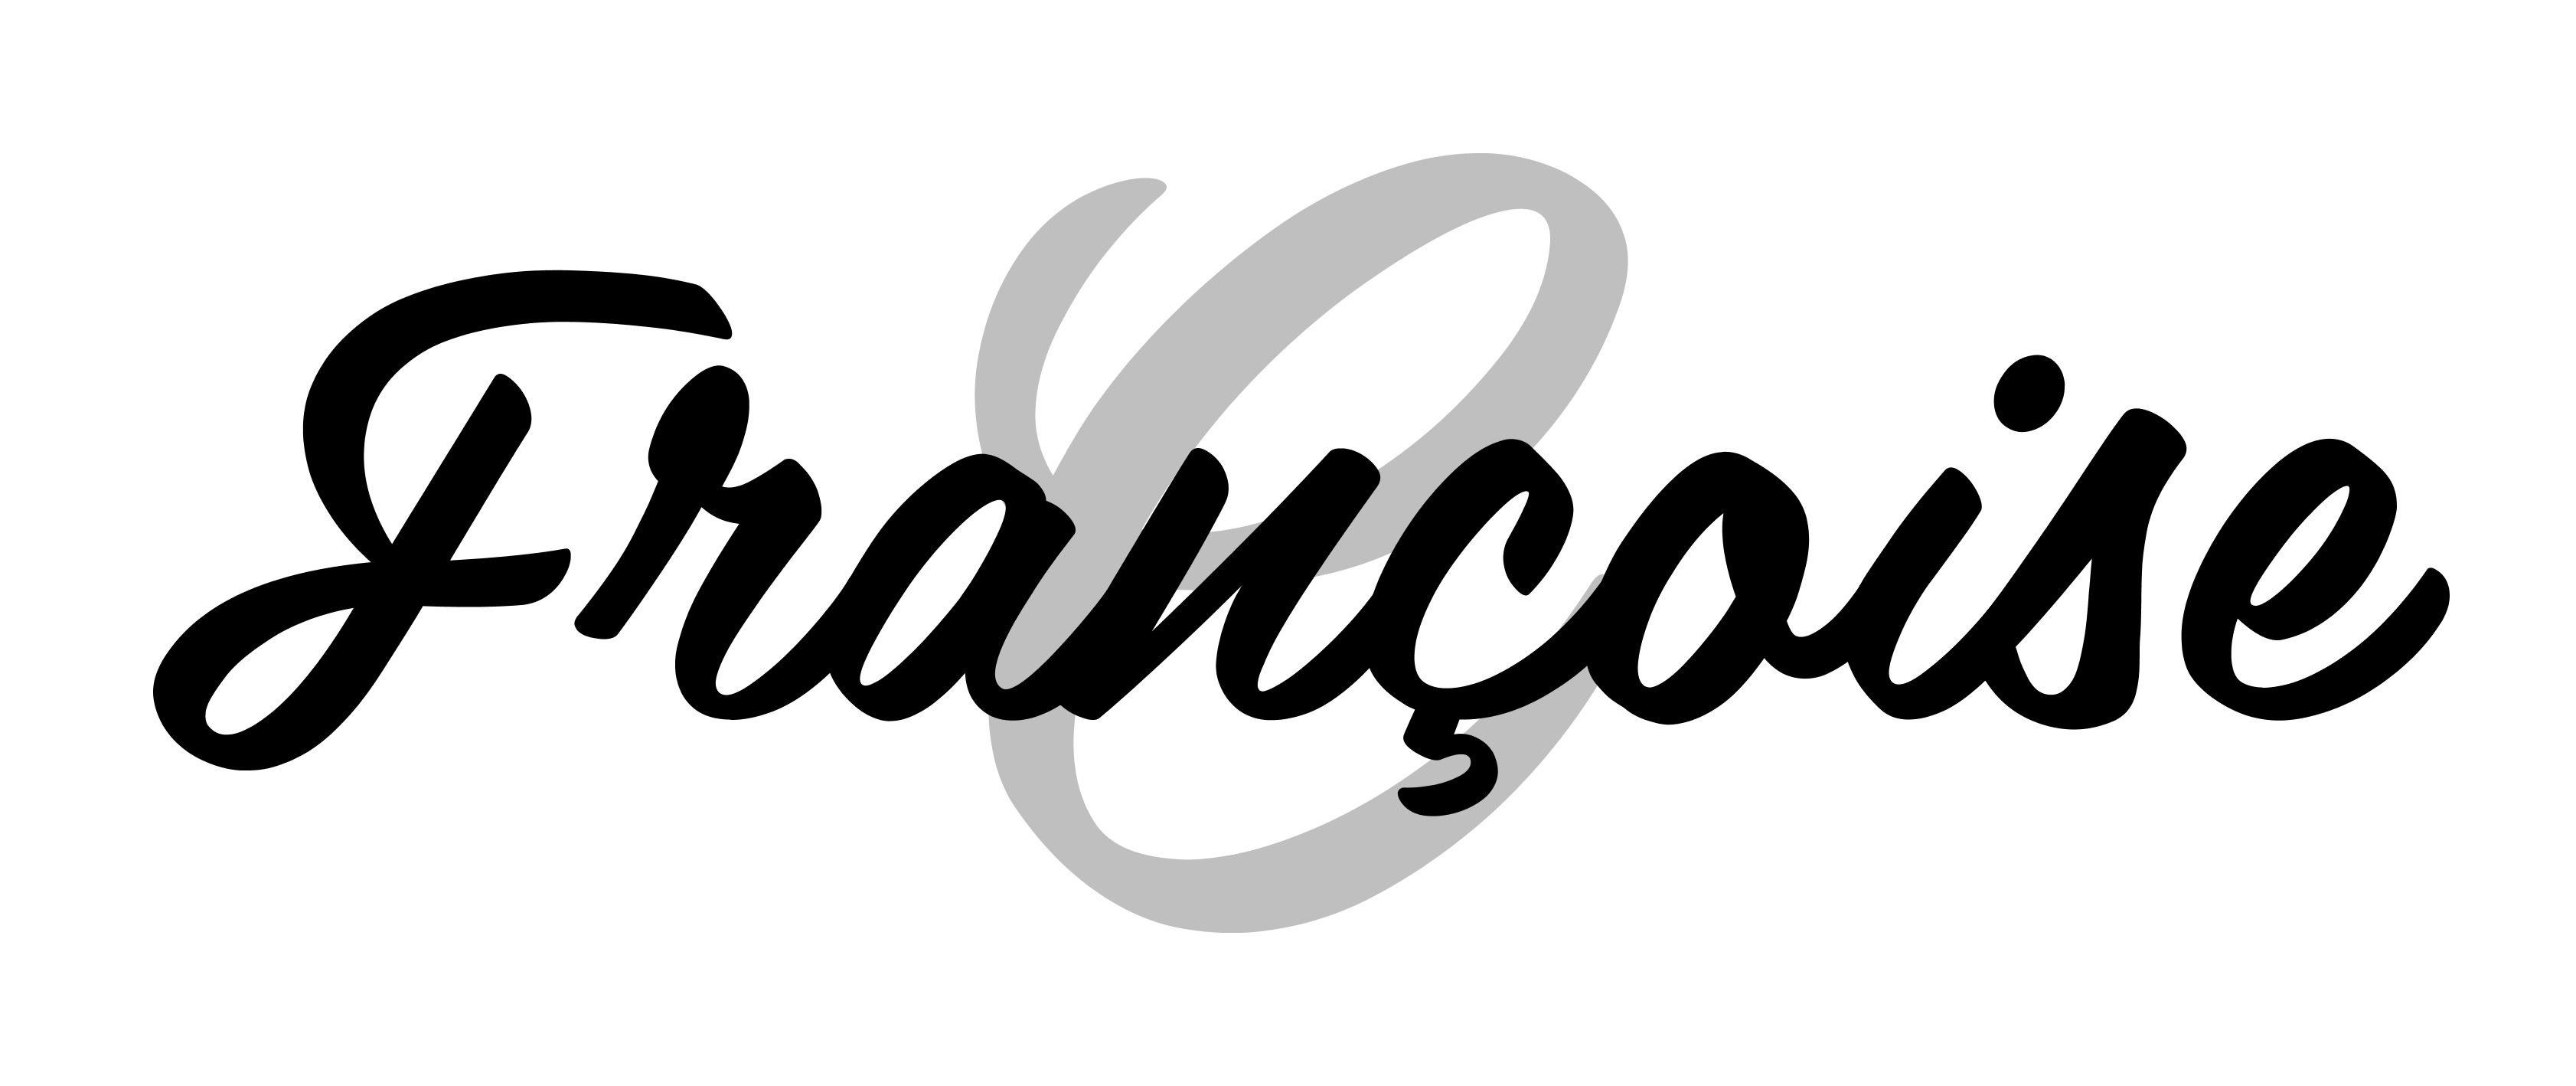 Chanel Francoise